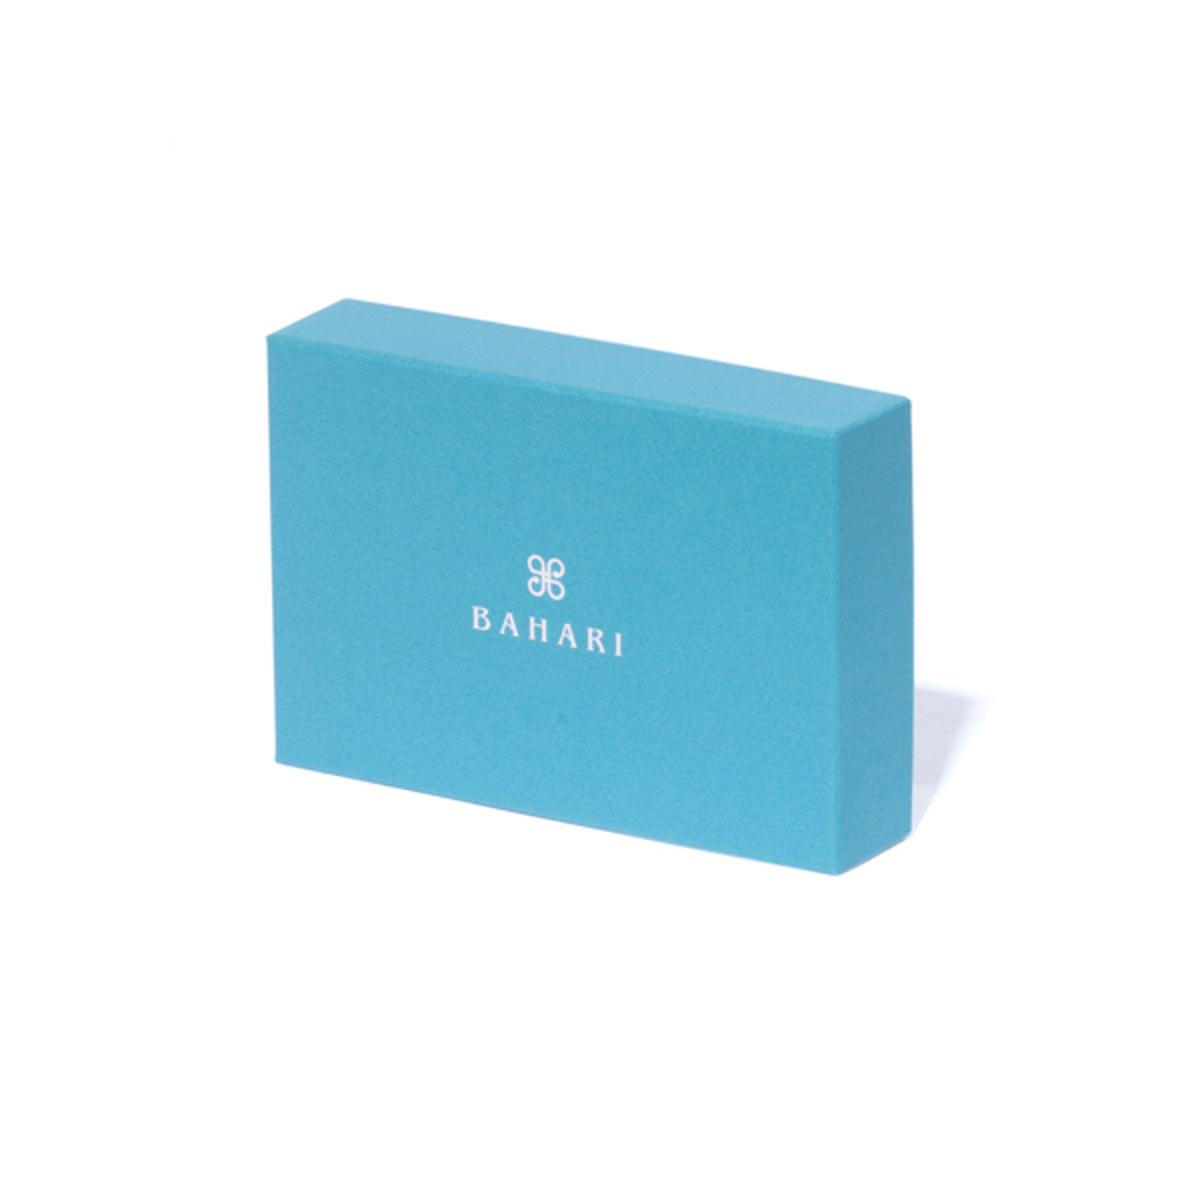 """BAHARI """"海の宝石箱""""と呼ばれるほどの耐久性と美しさ   名刺も交通系ICカードも入るガルーシャ(エイ革)コインケース"""